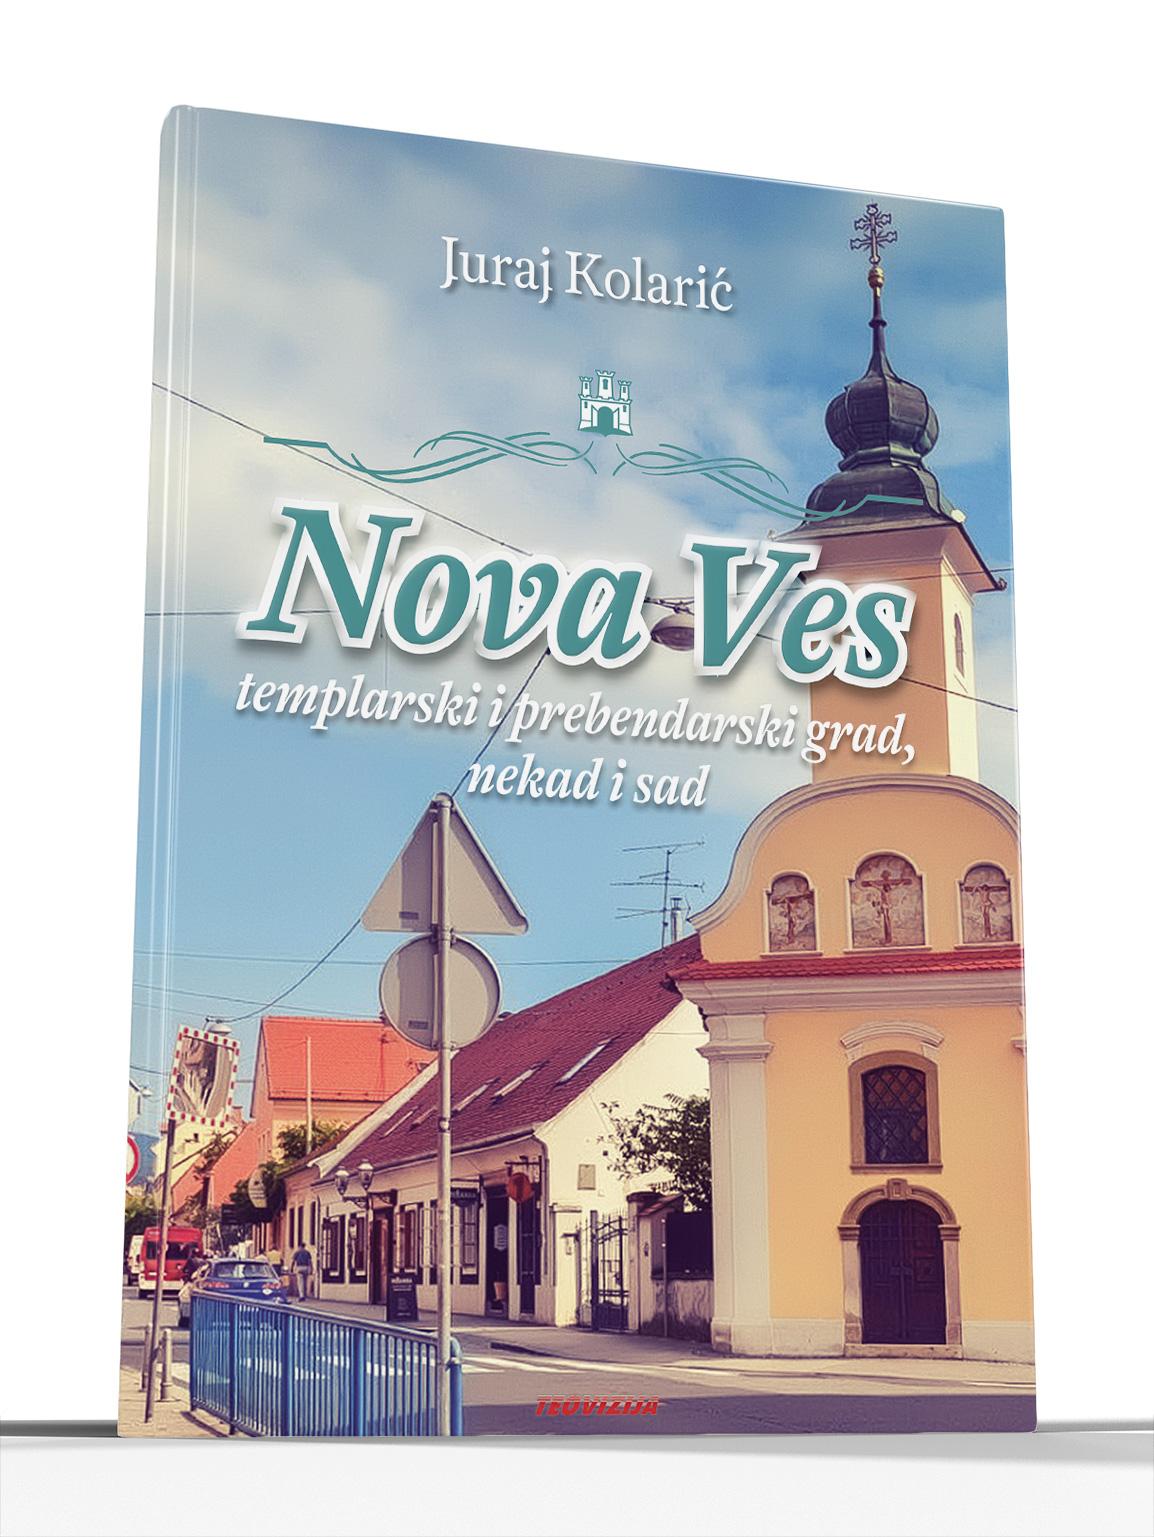 NOVA VES - Juraj Kolarić